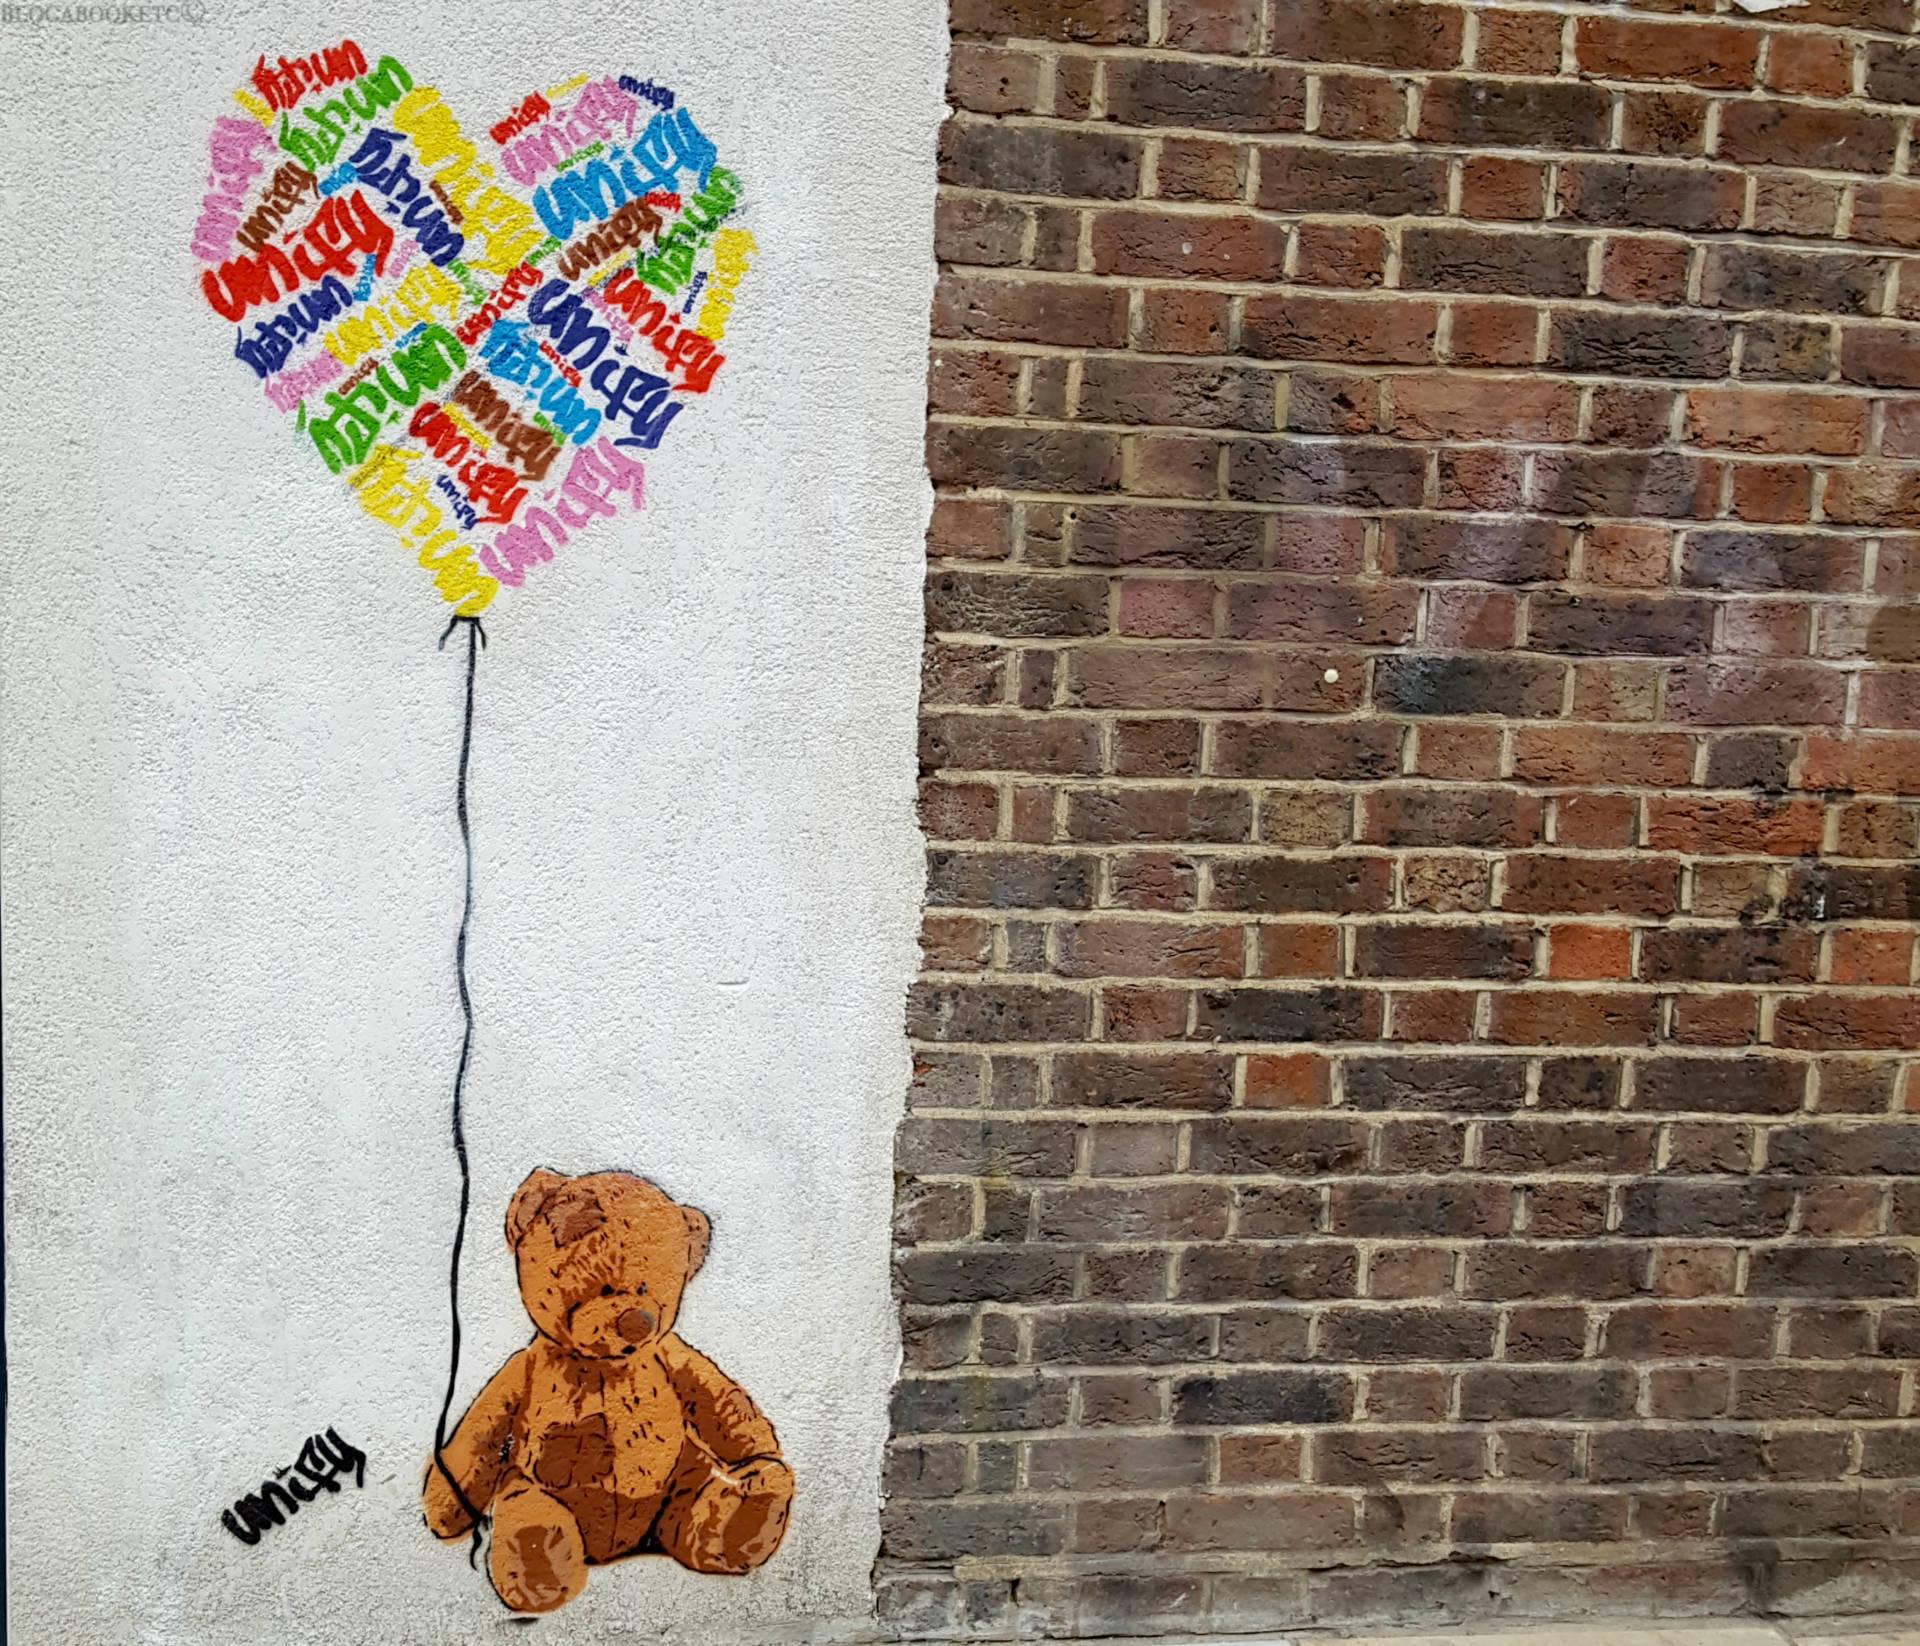 Thank You, Manners, London, Shoreditch, Redchurch Street, Graffiti, Street Art, Blog A Book Etc, Fay